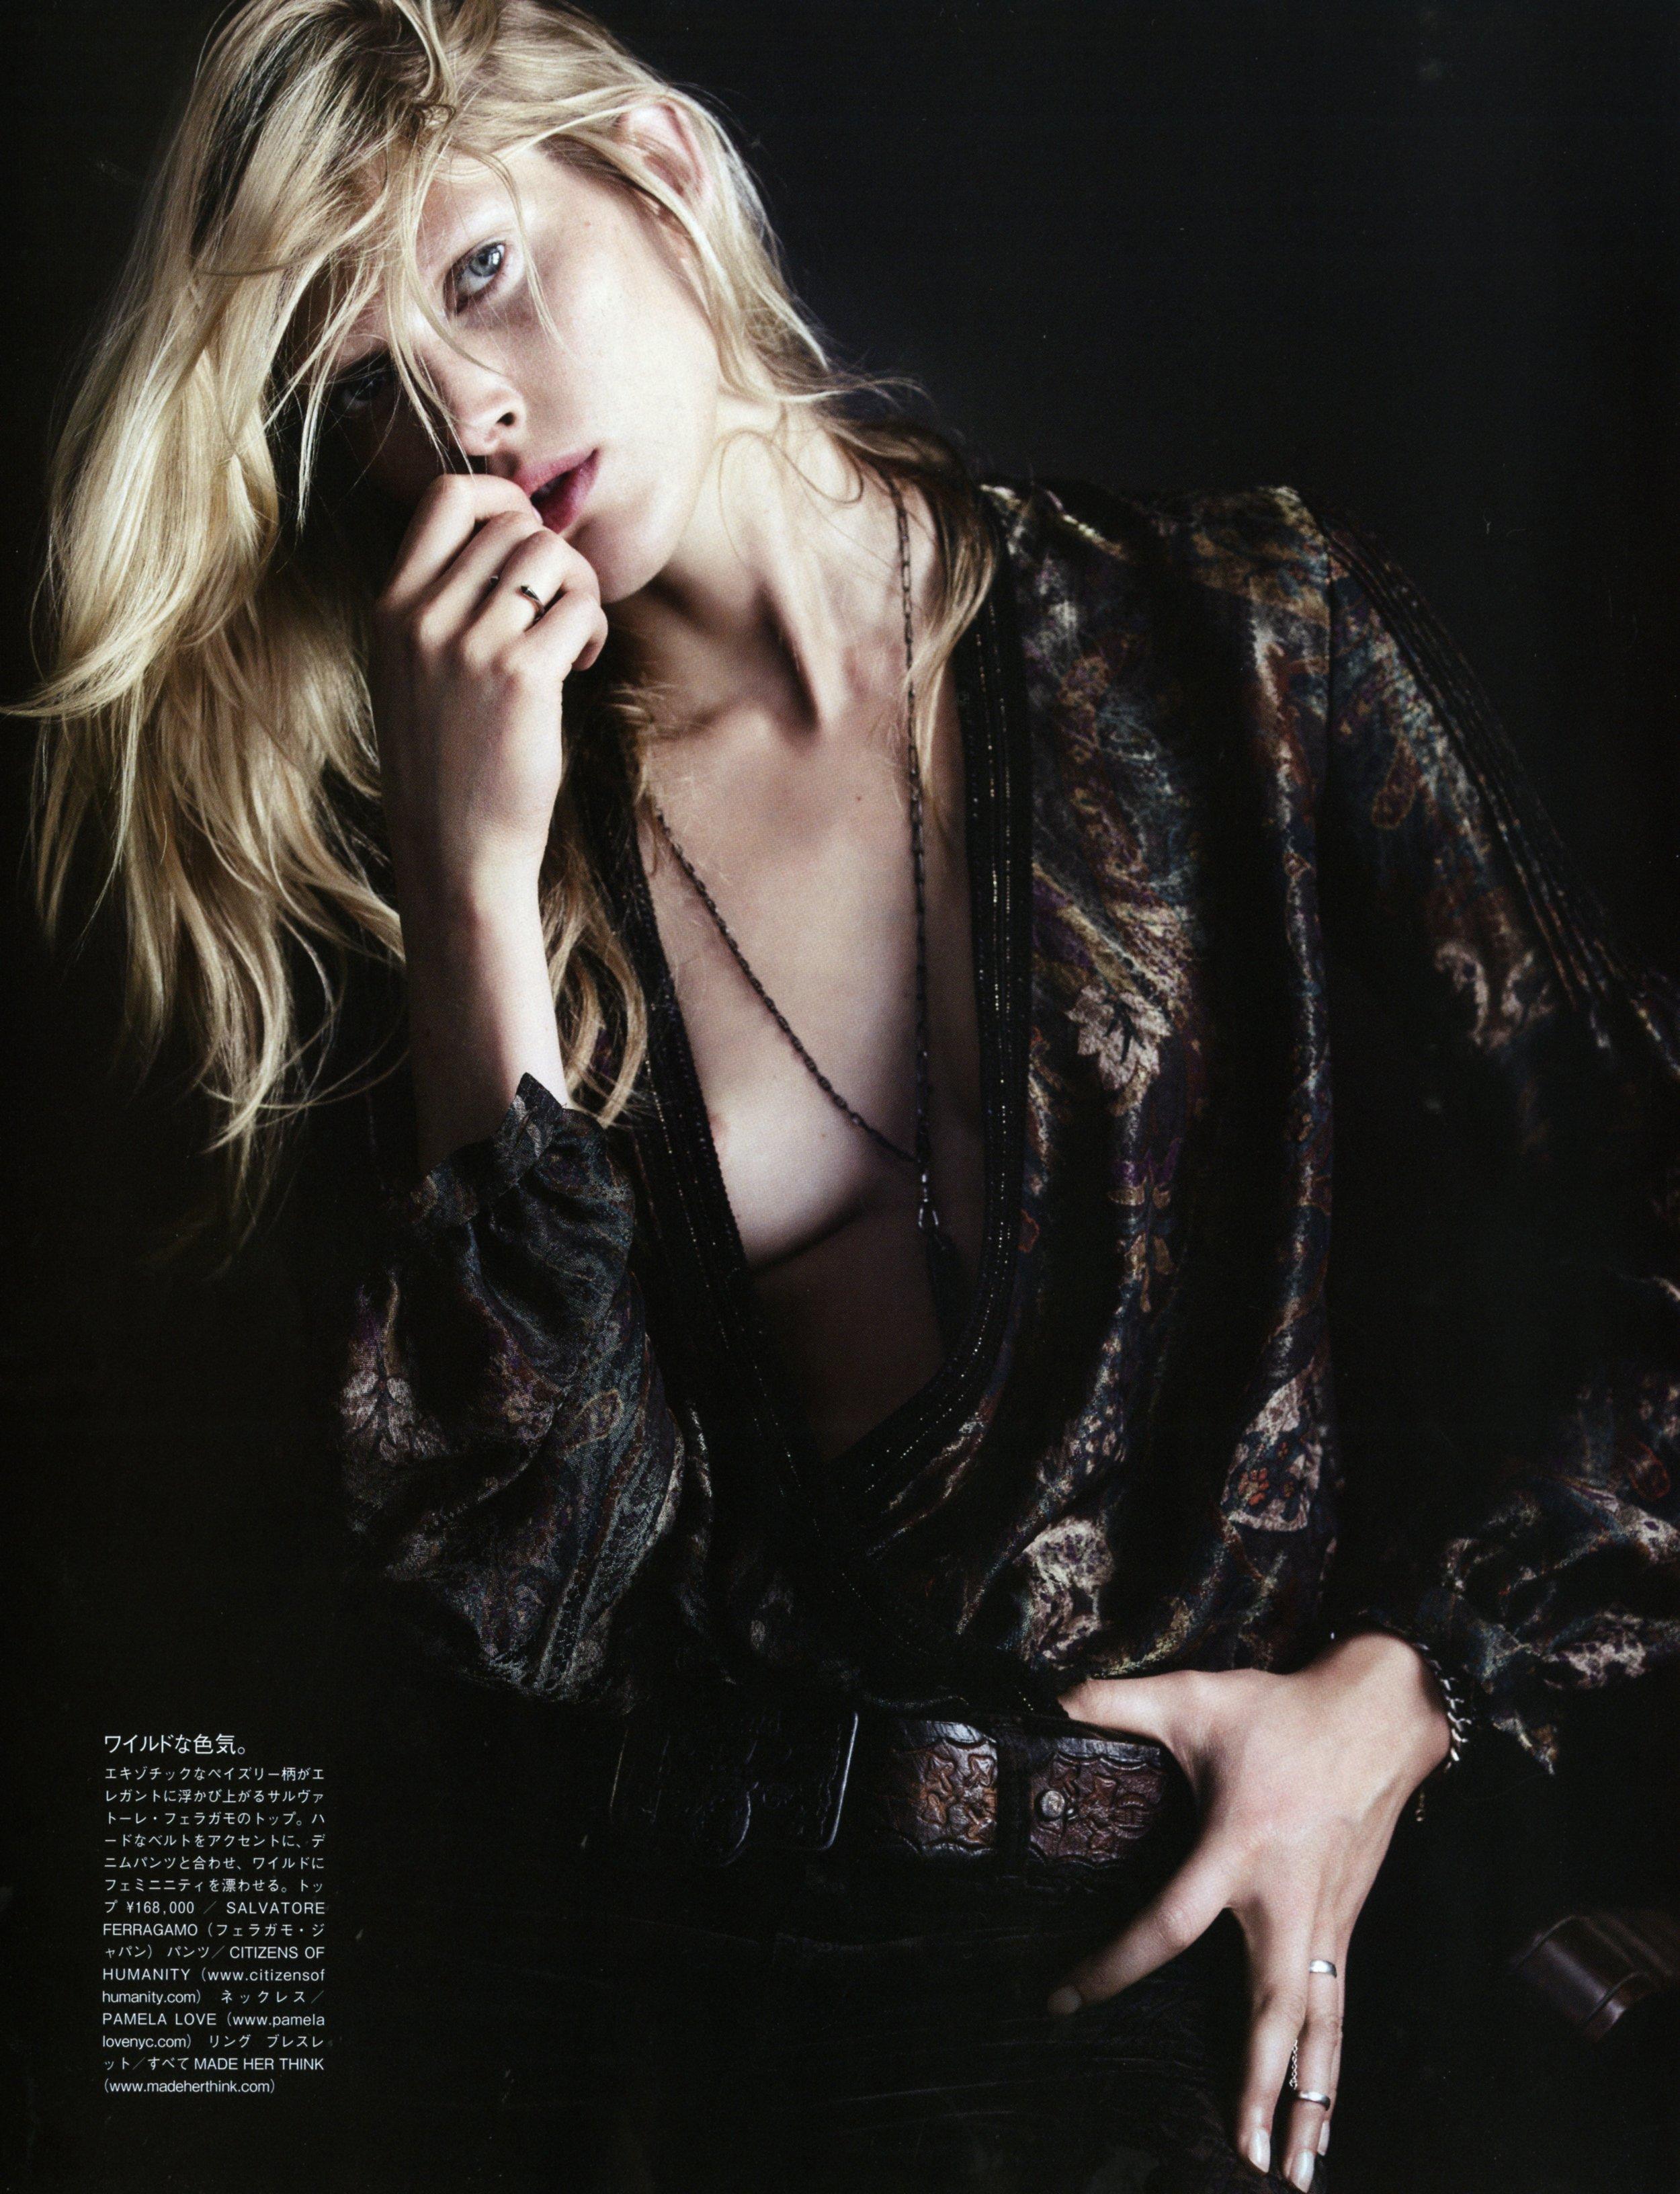 VoguejapanNovember2012 (6).jpg